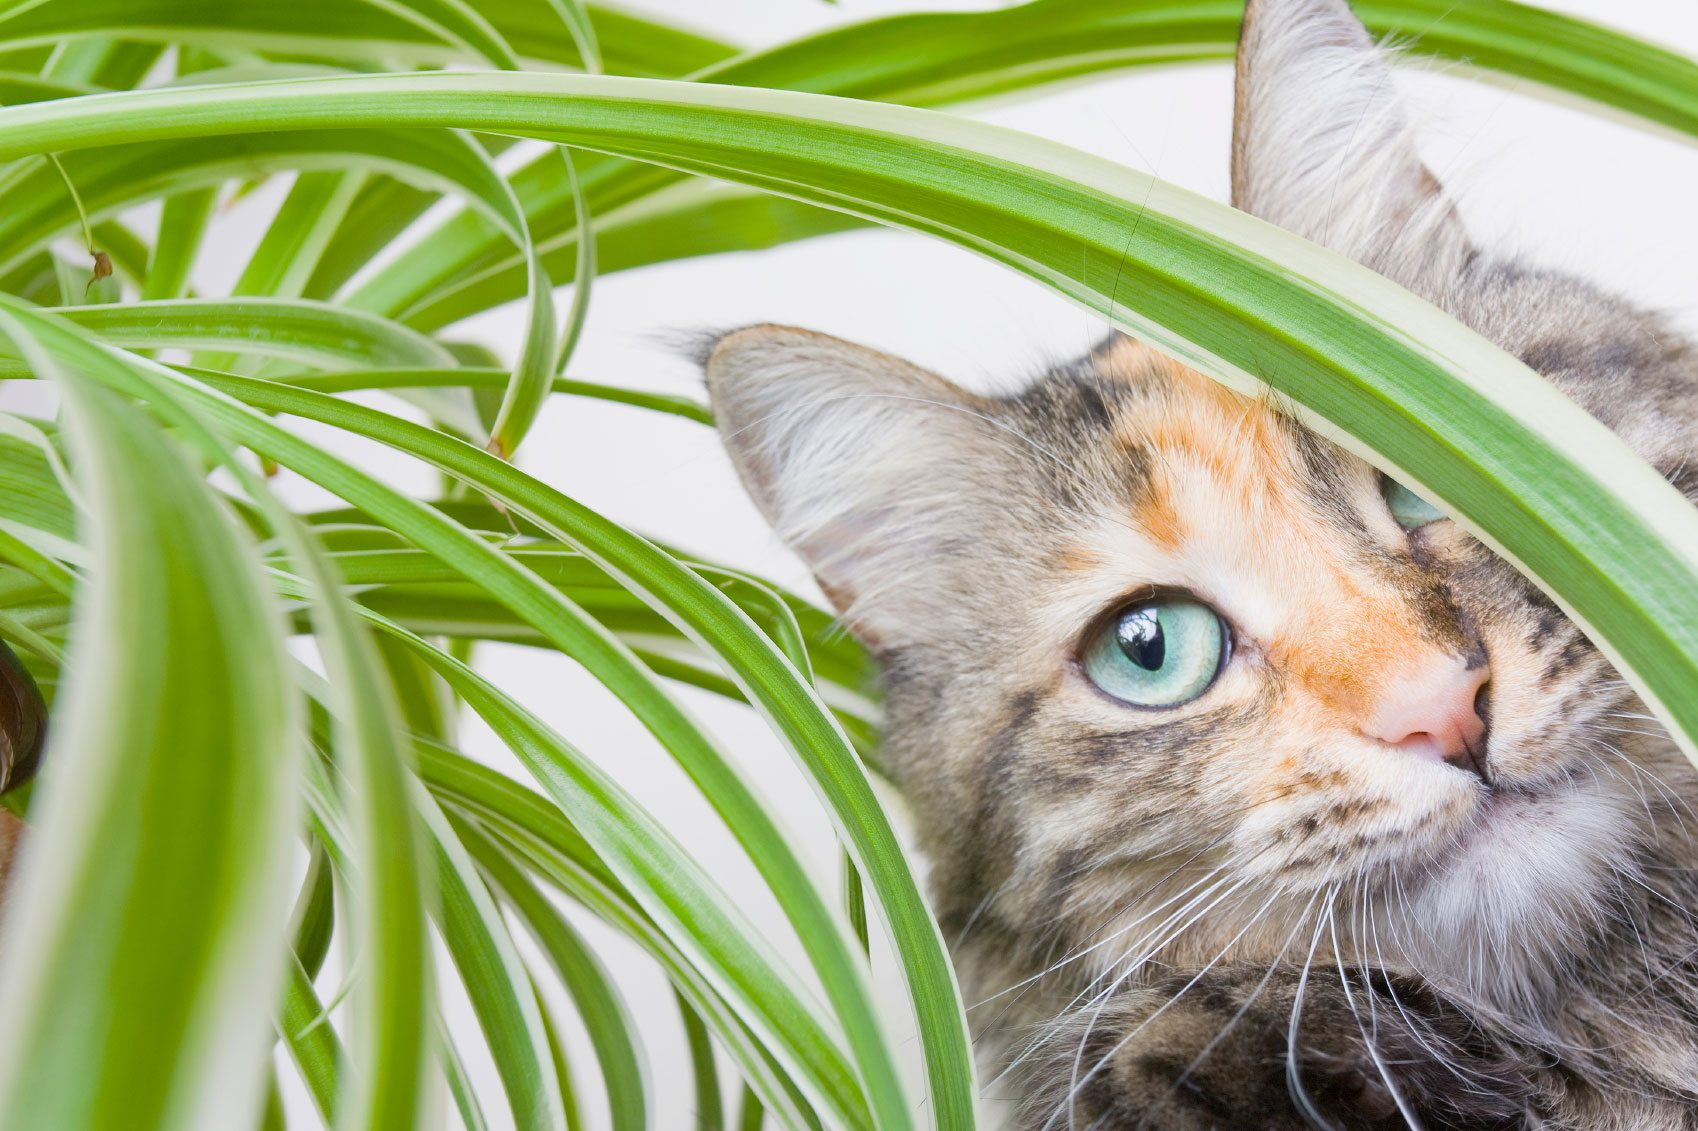 Hay plantas beneficiosas para gatos